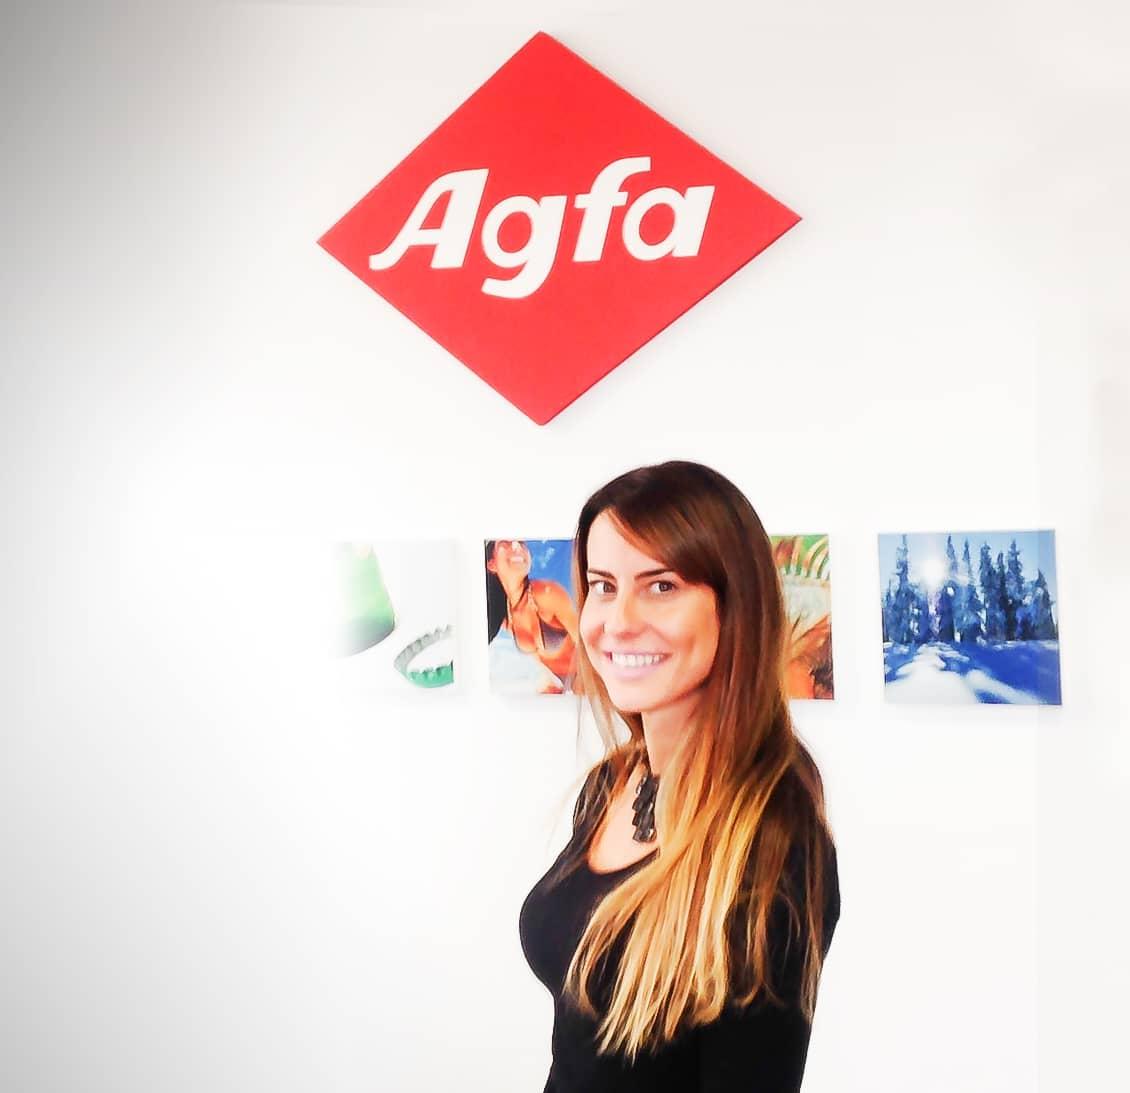 agfa-do-brasil_604